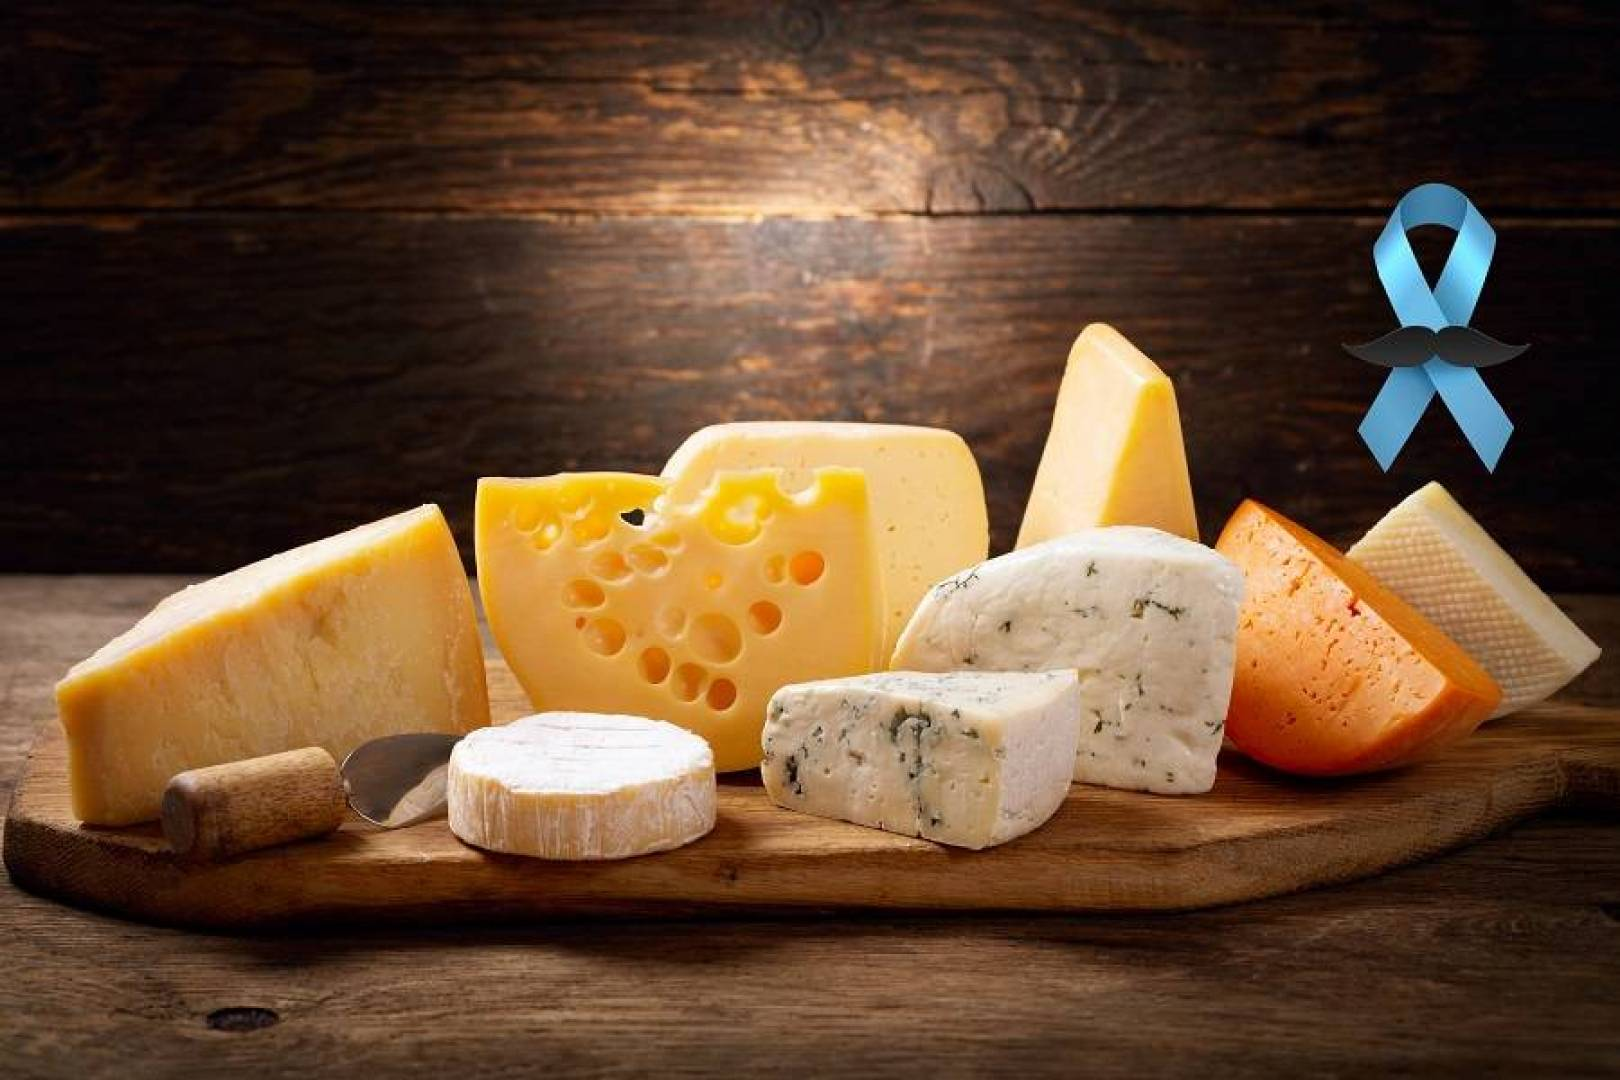 تناول الكثير من الجبن يرفع مخاطر الإصابة بسرطان البروستاتا